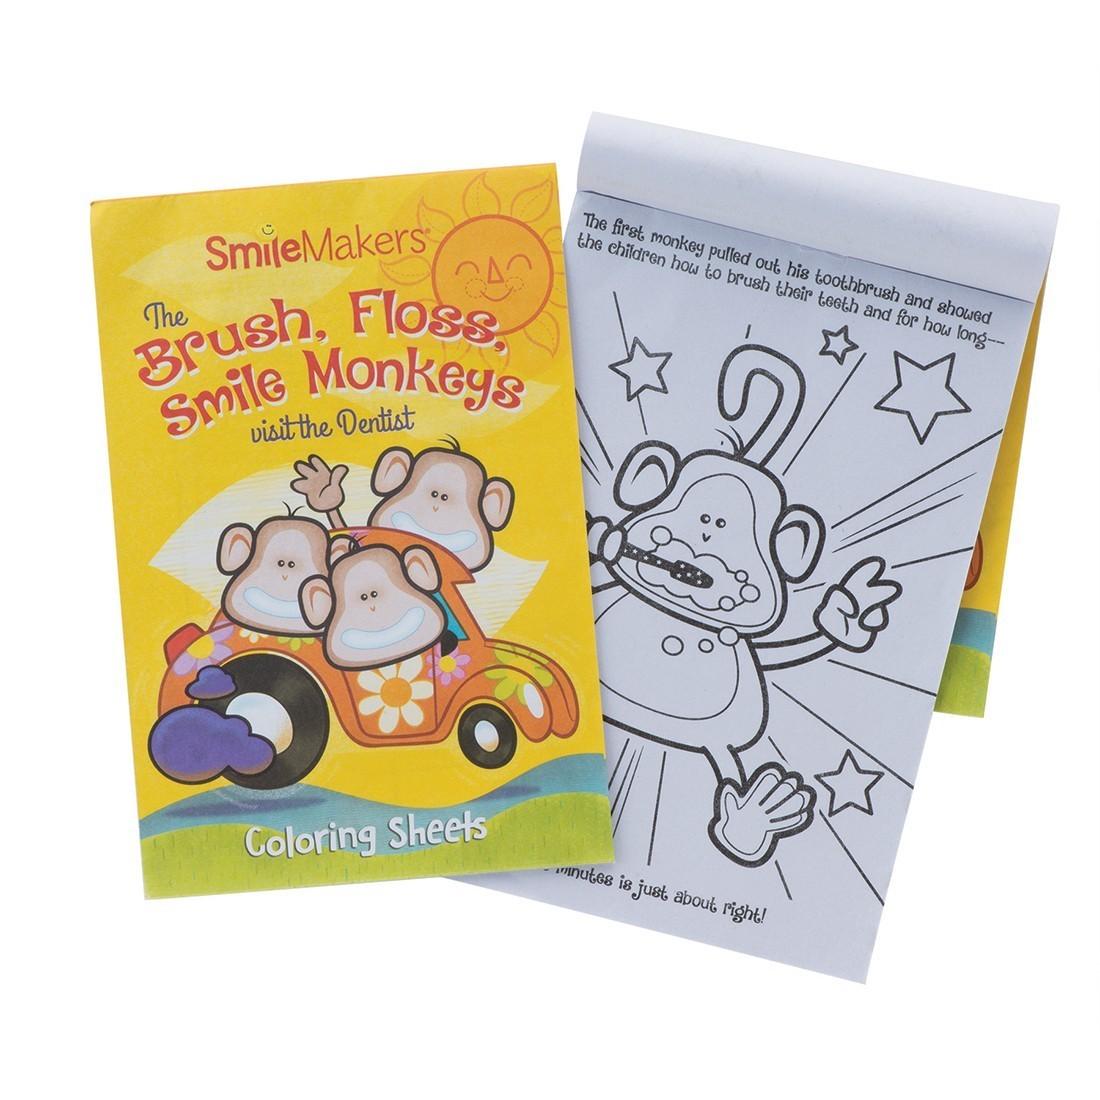 Brush, Floss, Smile Monkeys Coloring Books [image]